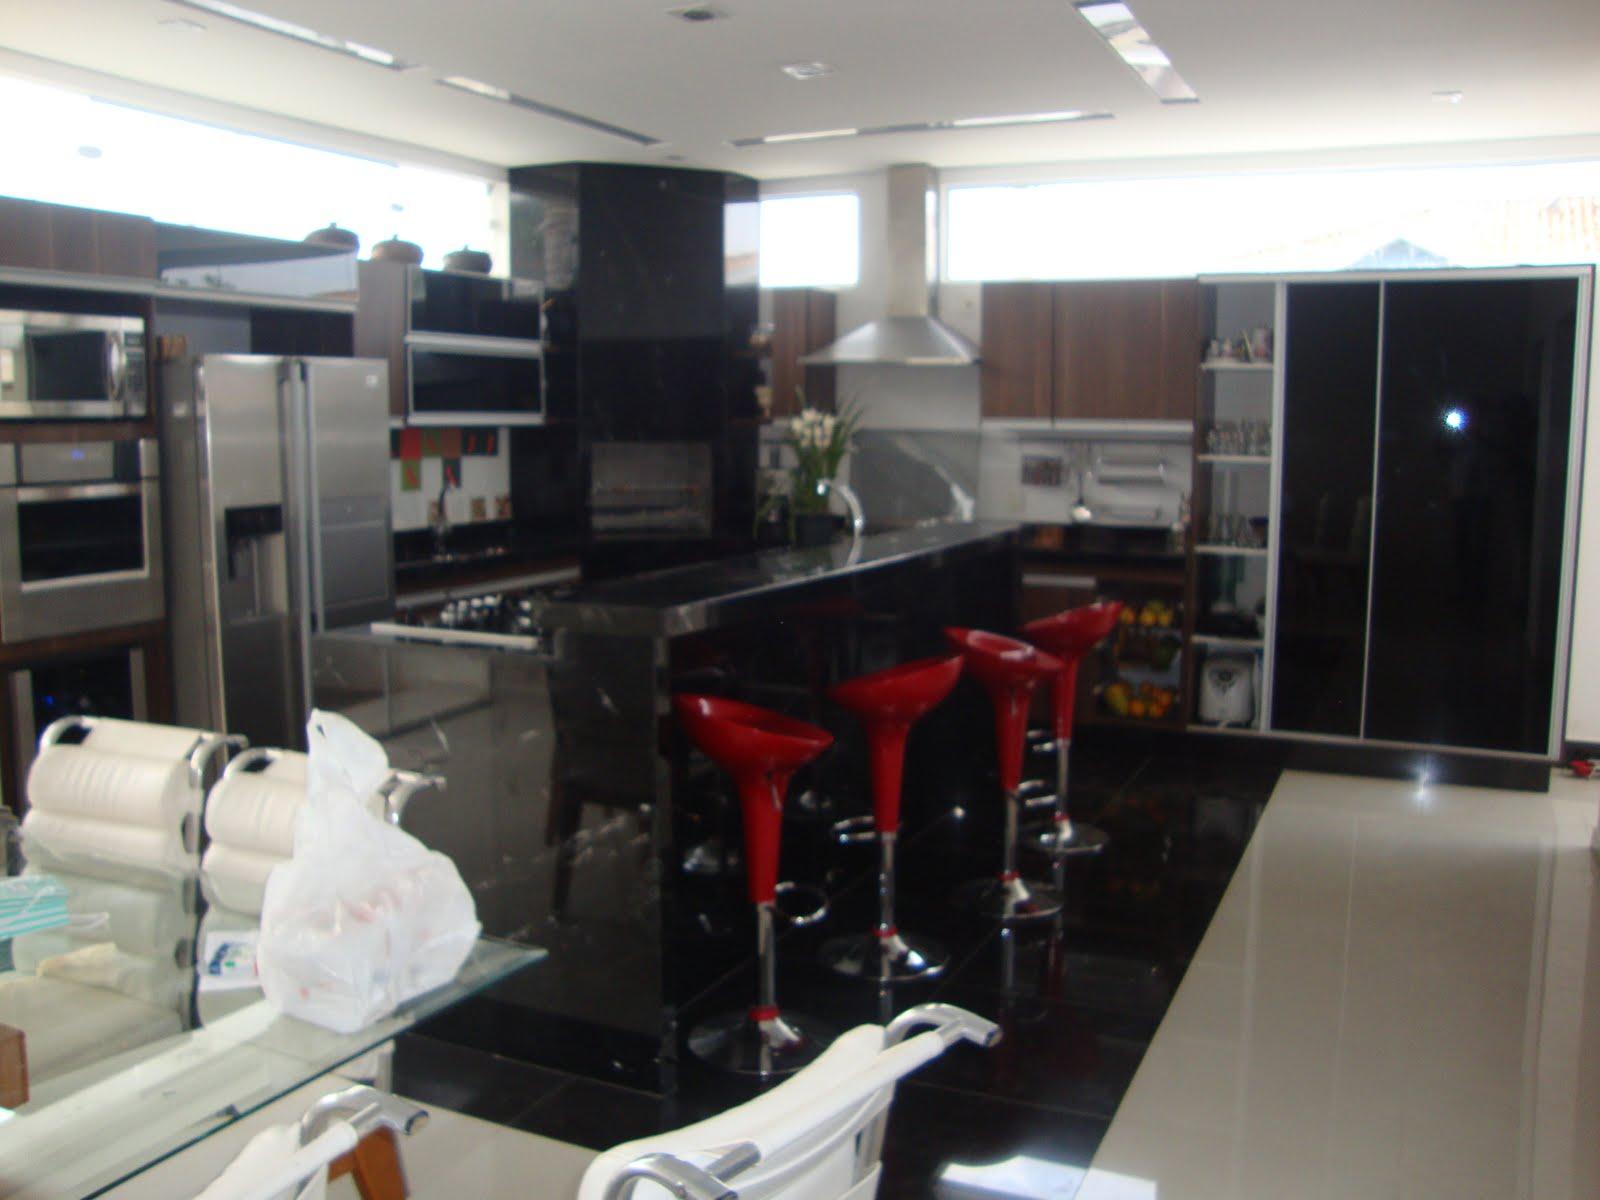 Cozinha Compacta Anita Smart 7 Portas Itatiaia Cozinhas Tattoo  #613430 1600 1200